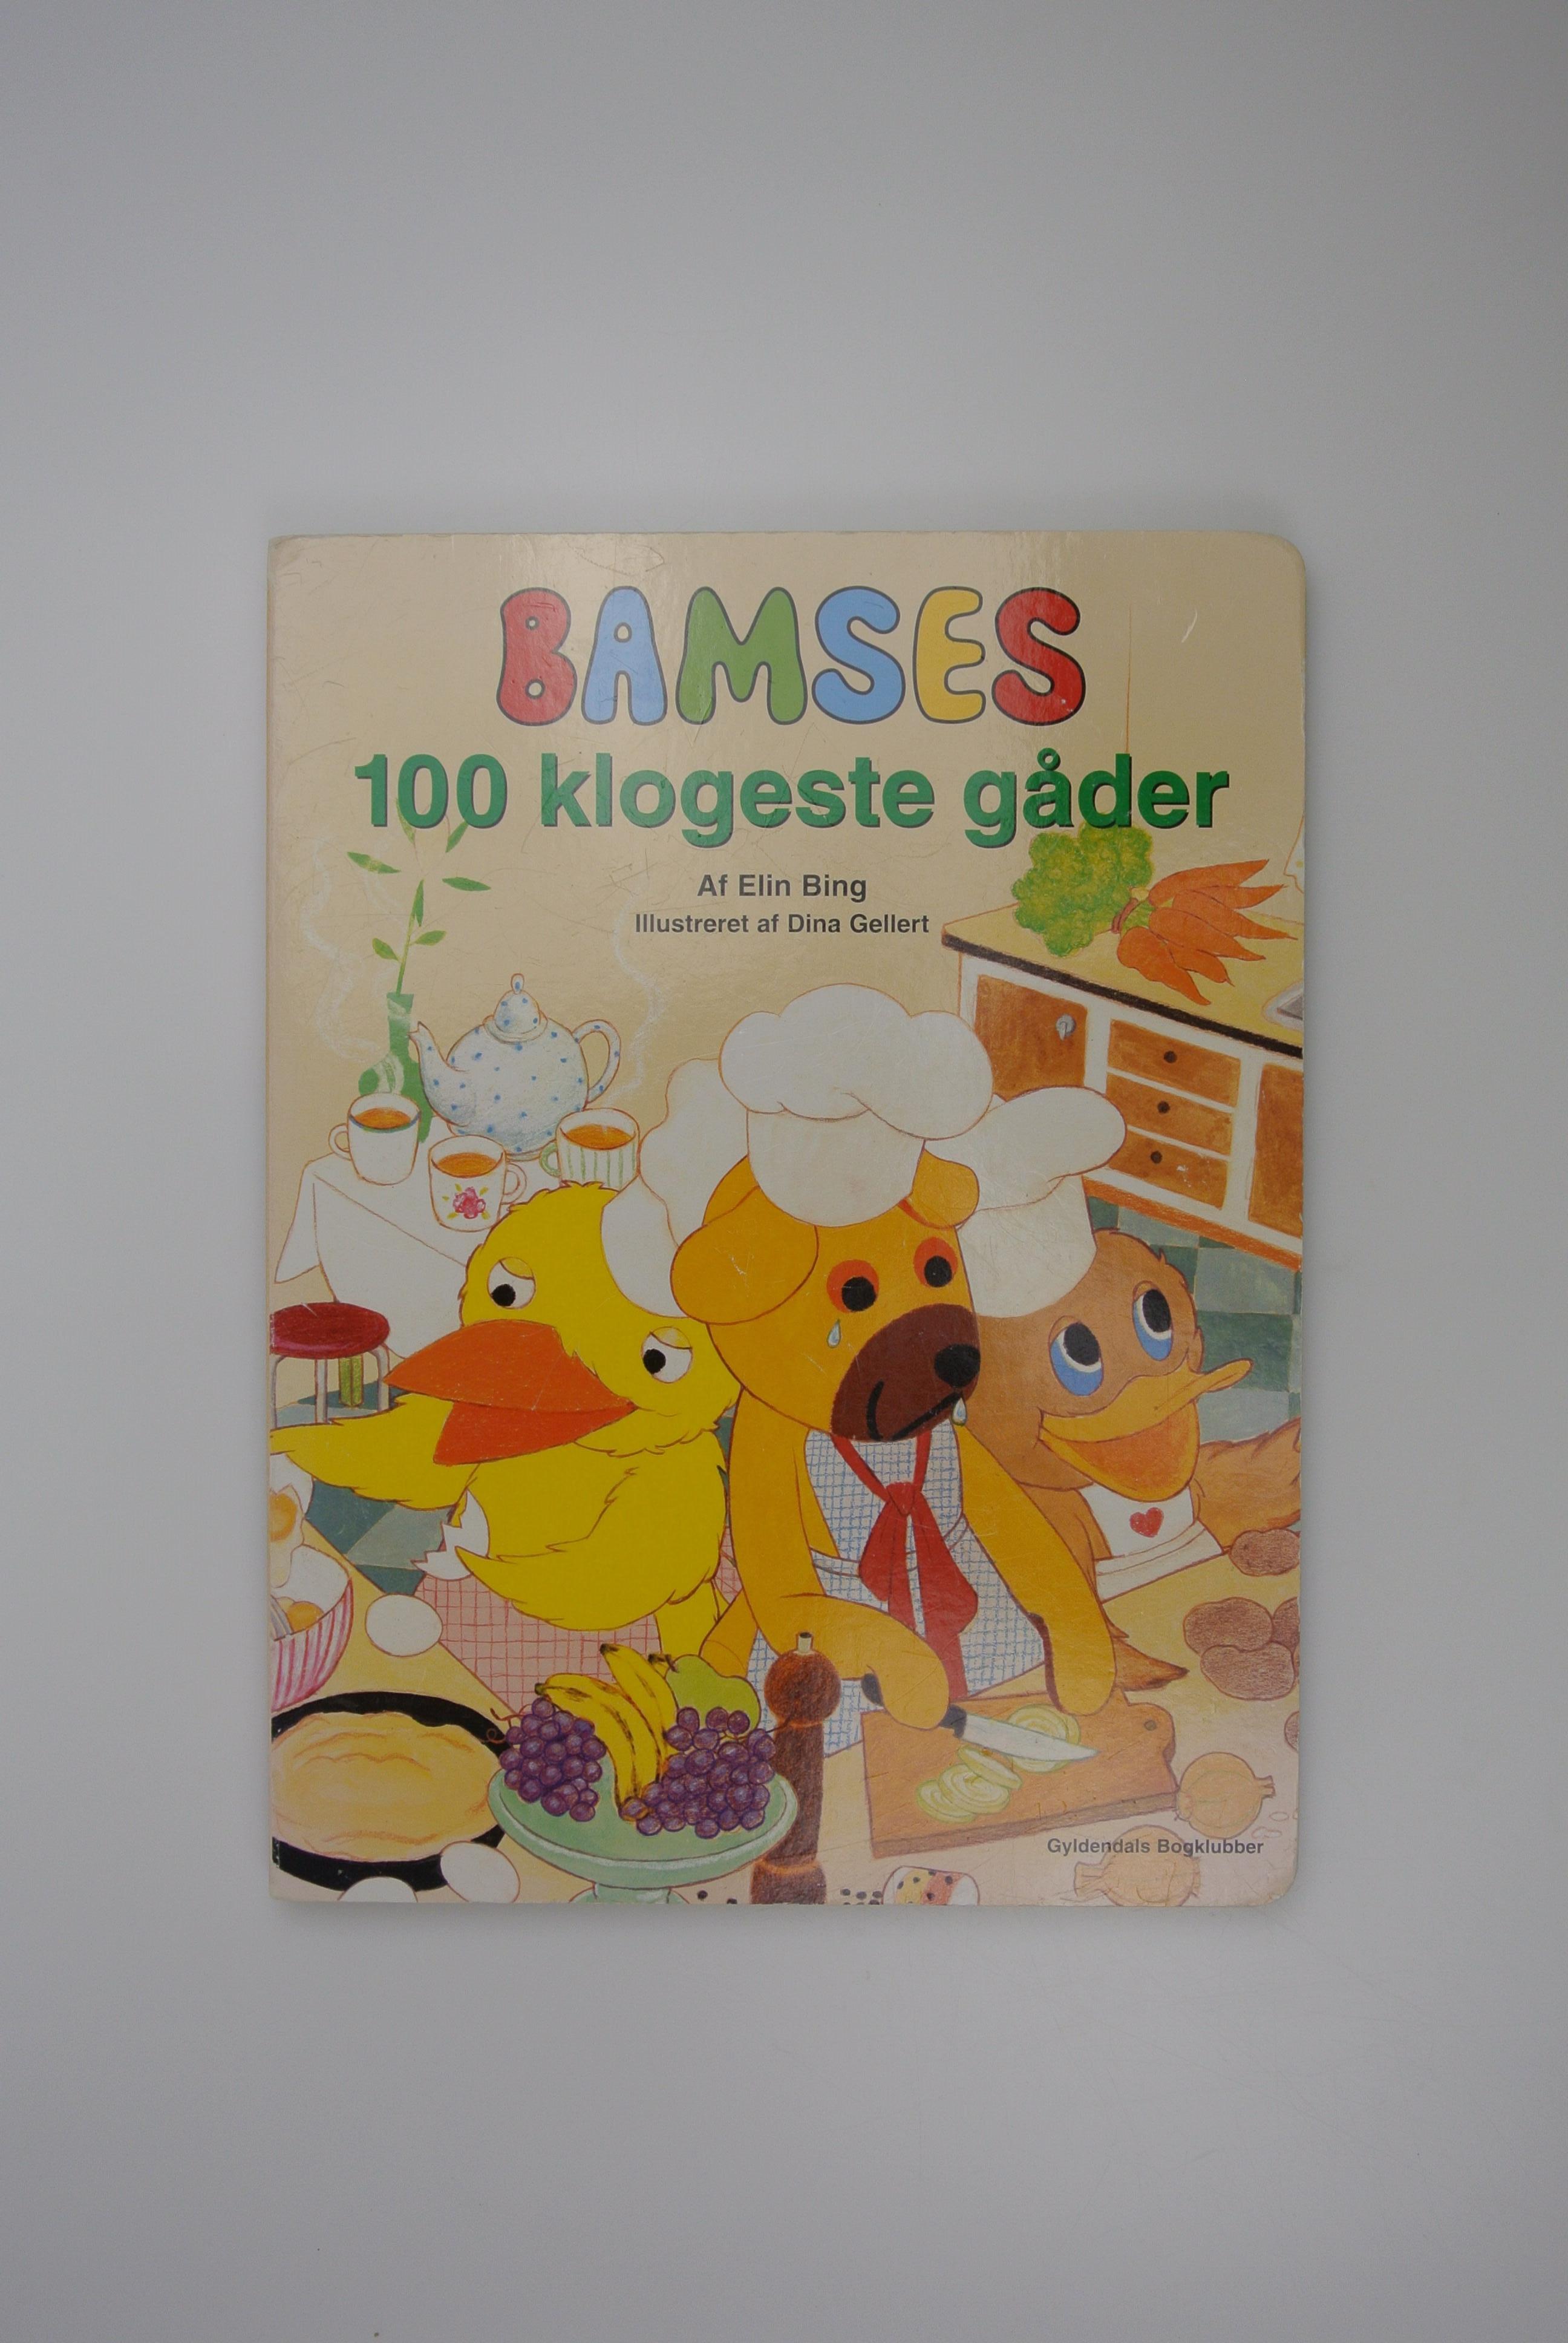 Bamses 100 klogeste gåder bog